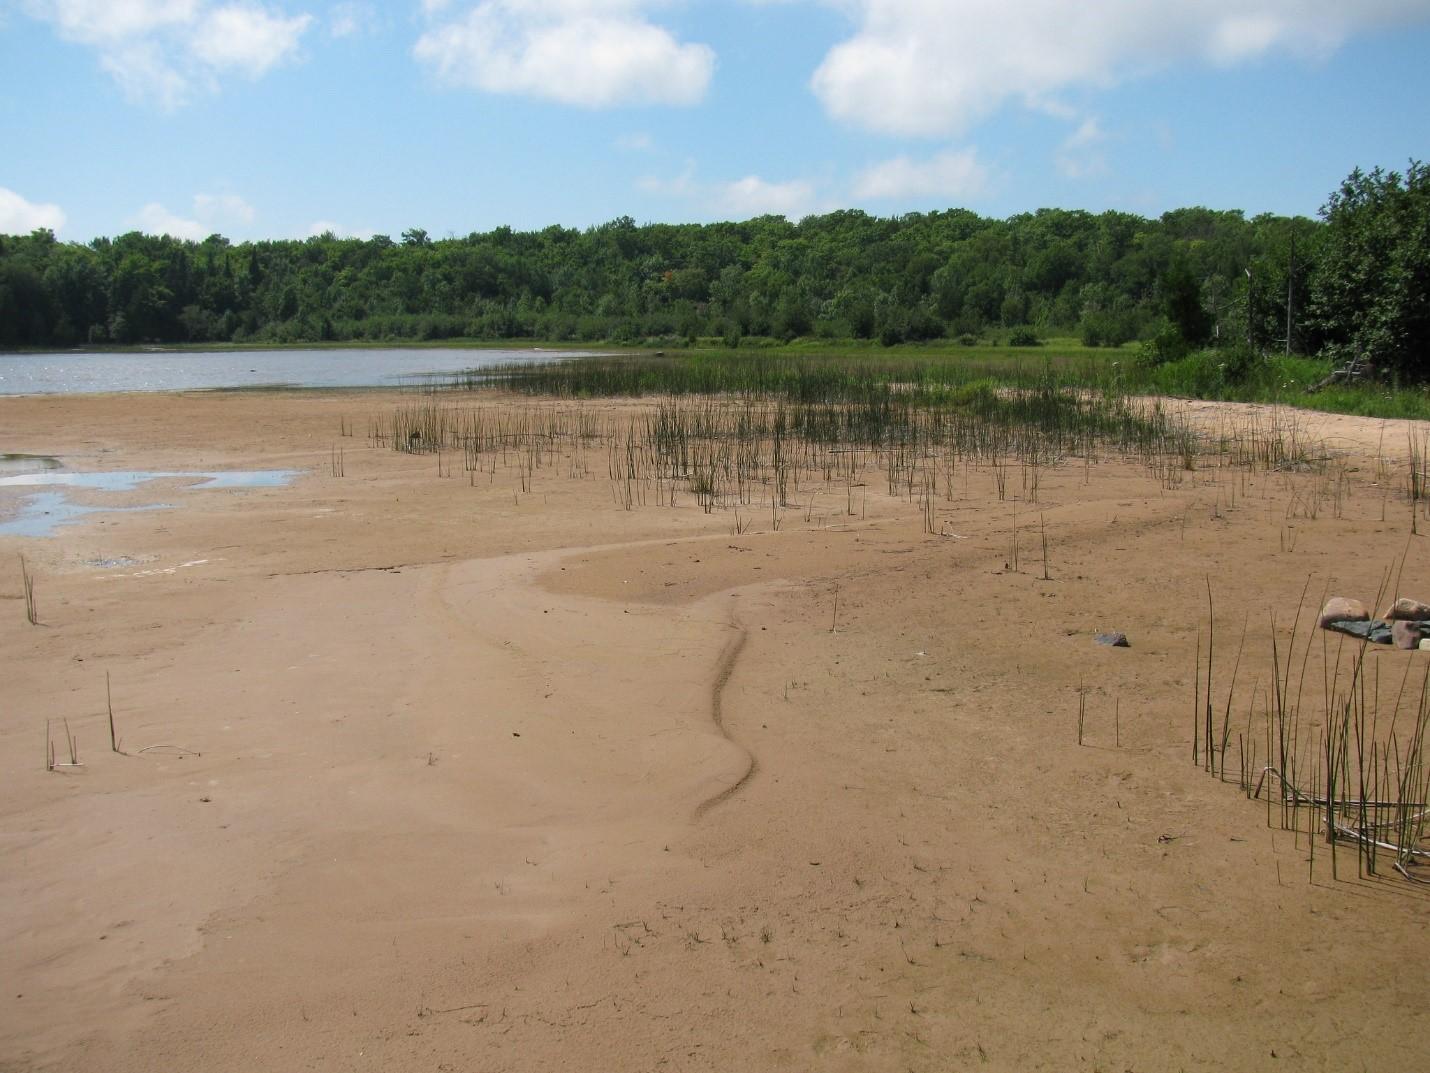 Baie Batchawana, lac Supérieur. Photo prise en juillet 2010. Source : archives de la CMI